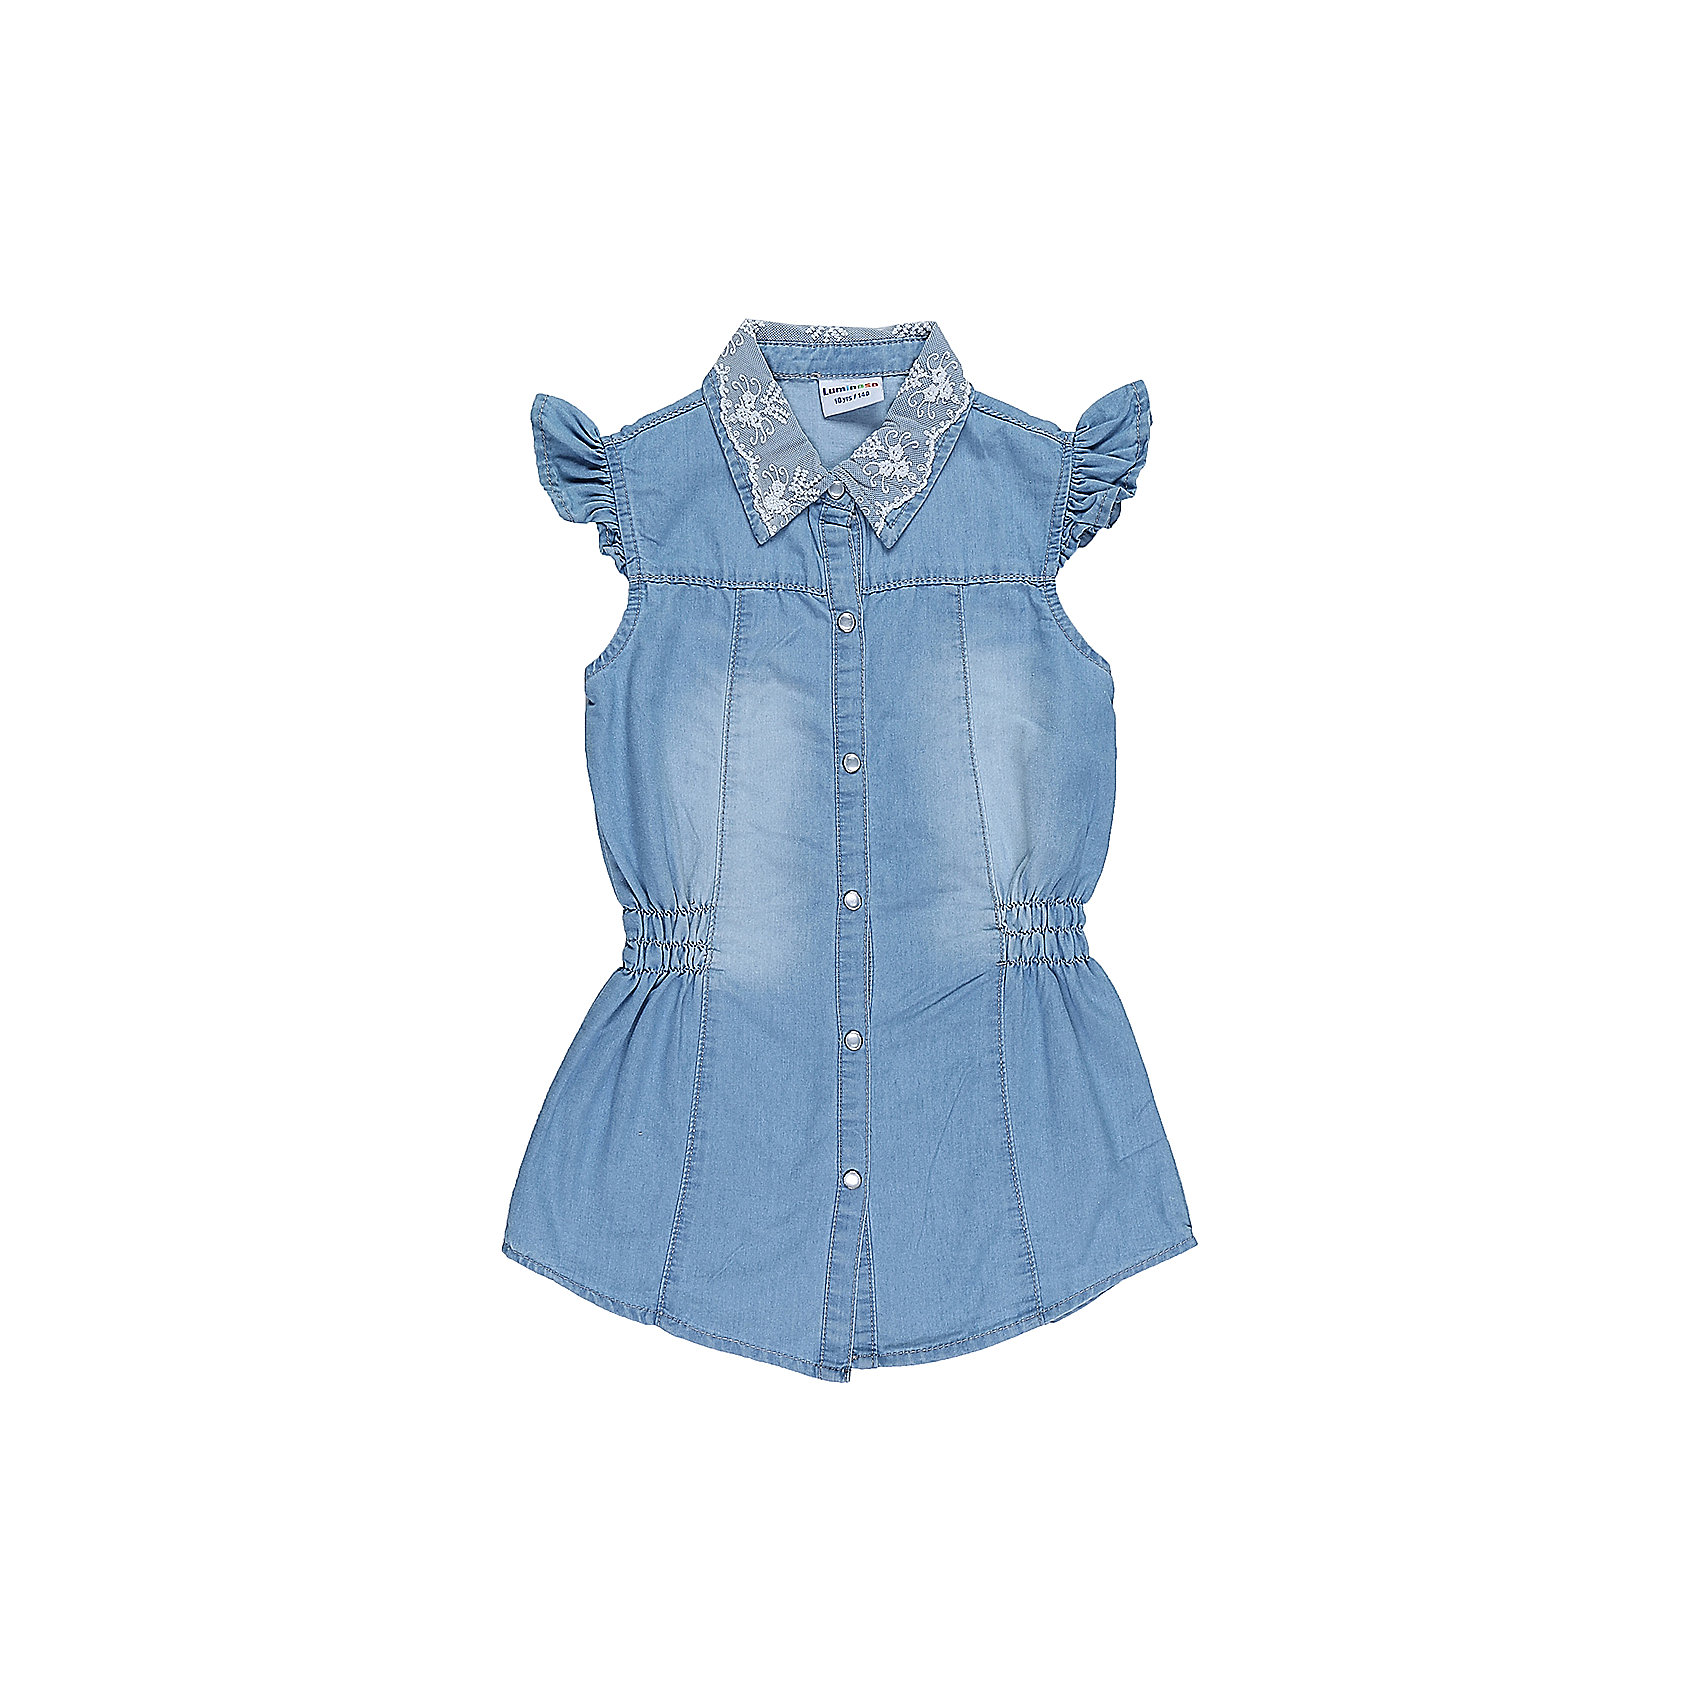 Блузка джинсовая для девочки LuminosoБлузки и рубашки<br>Удлиненная, приталенная блузка для девочки из облегченной джинсовой ткани. Рукава крылышки. Отложной воротничок декорированн кружевом. Застегивается на кнопки.<br>Состав:<br>100%хлопок<br><br>Ширина мм: 186<br>Глубина мм: 87<br>Высота мм: 198<br>Вес г: 197<br>Цвет: голубой<br>Возраст от месяцев: 96<br>Возраст до месяцев: 108<br>Пол: Женский<br>Возраст: Детский<br>Размер: 134,140,146,152,158,164<br>SKU: 5413504